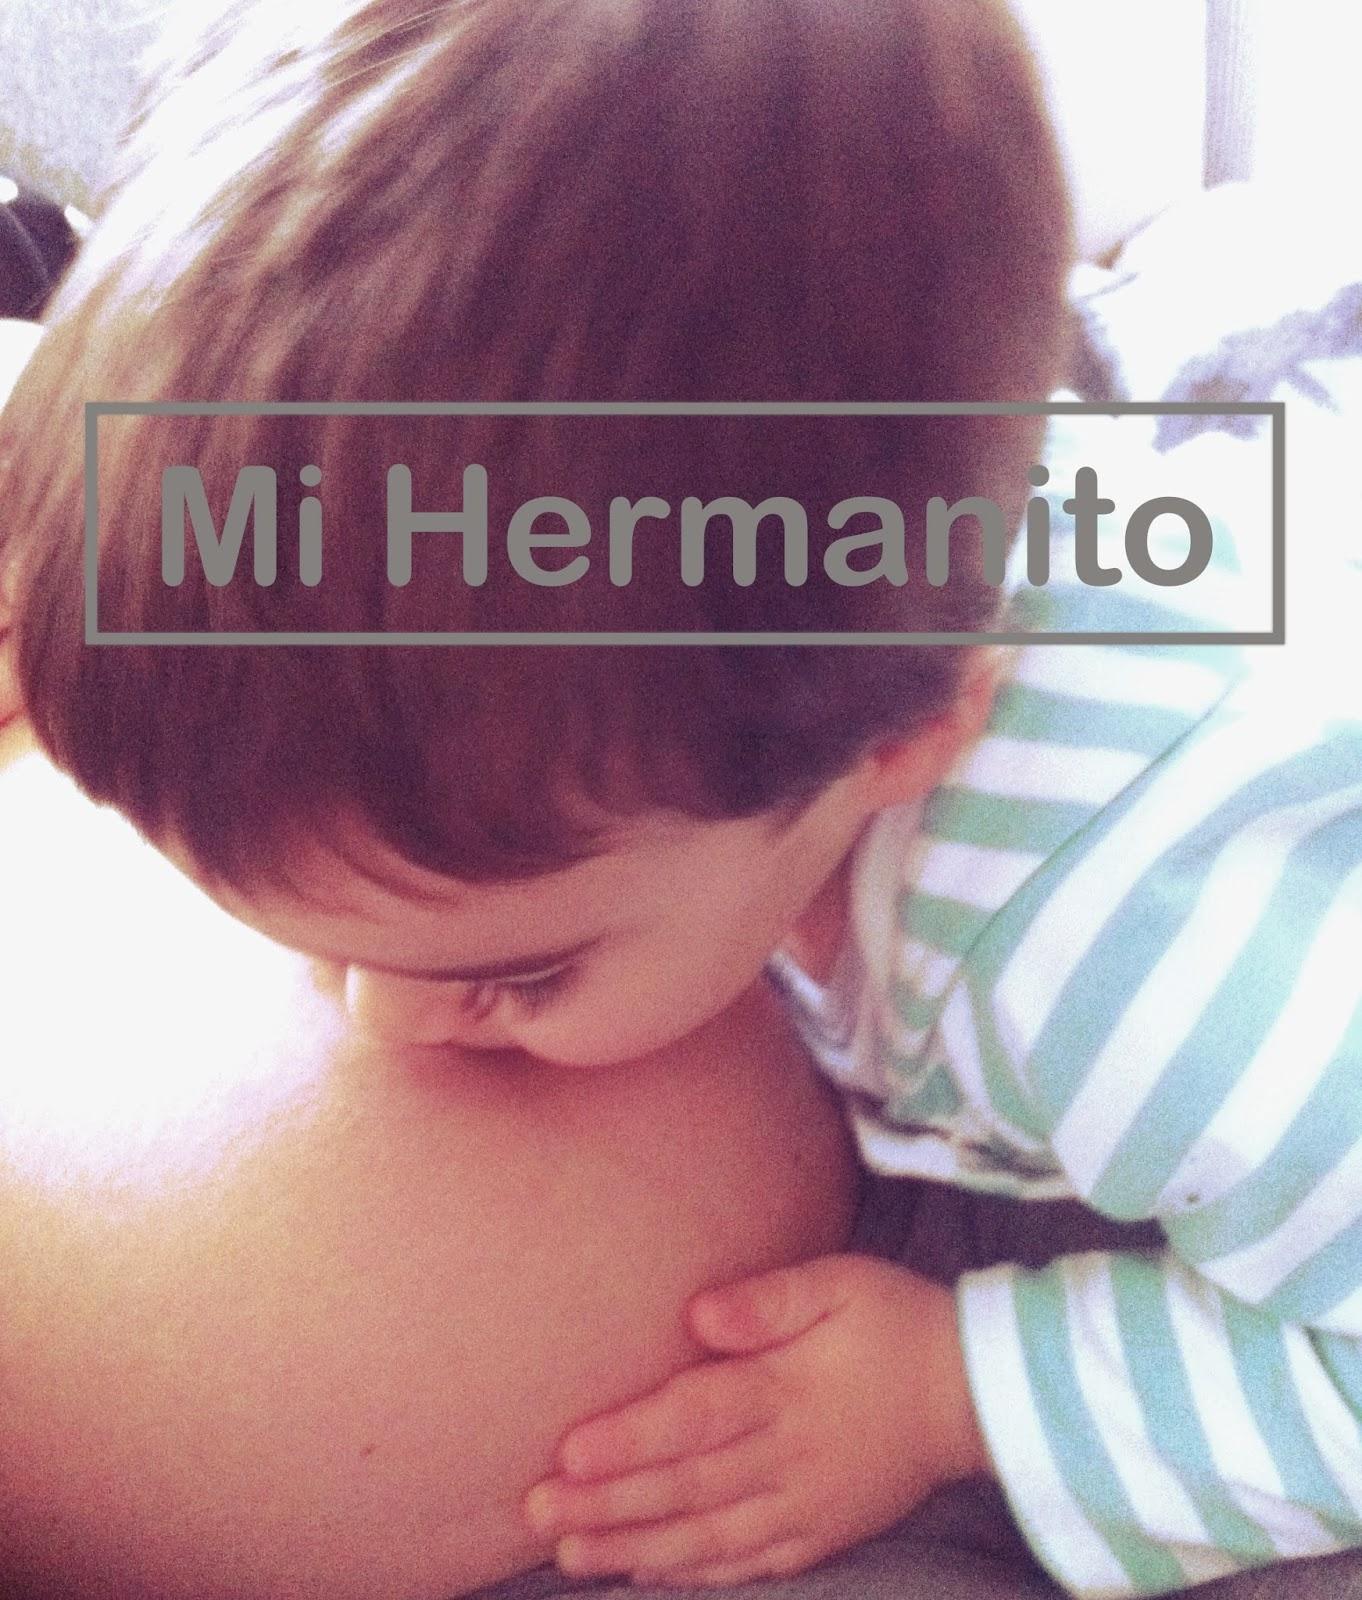 Comunicar a un hijo llegada hermanito, celos, maternidad